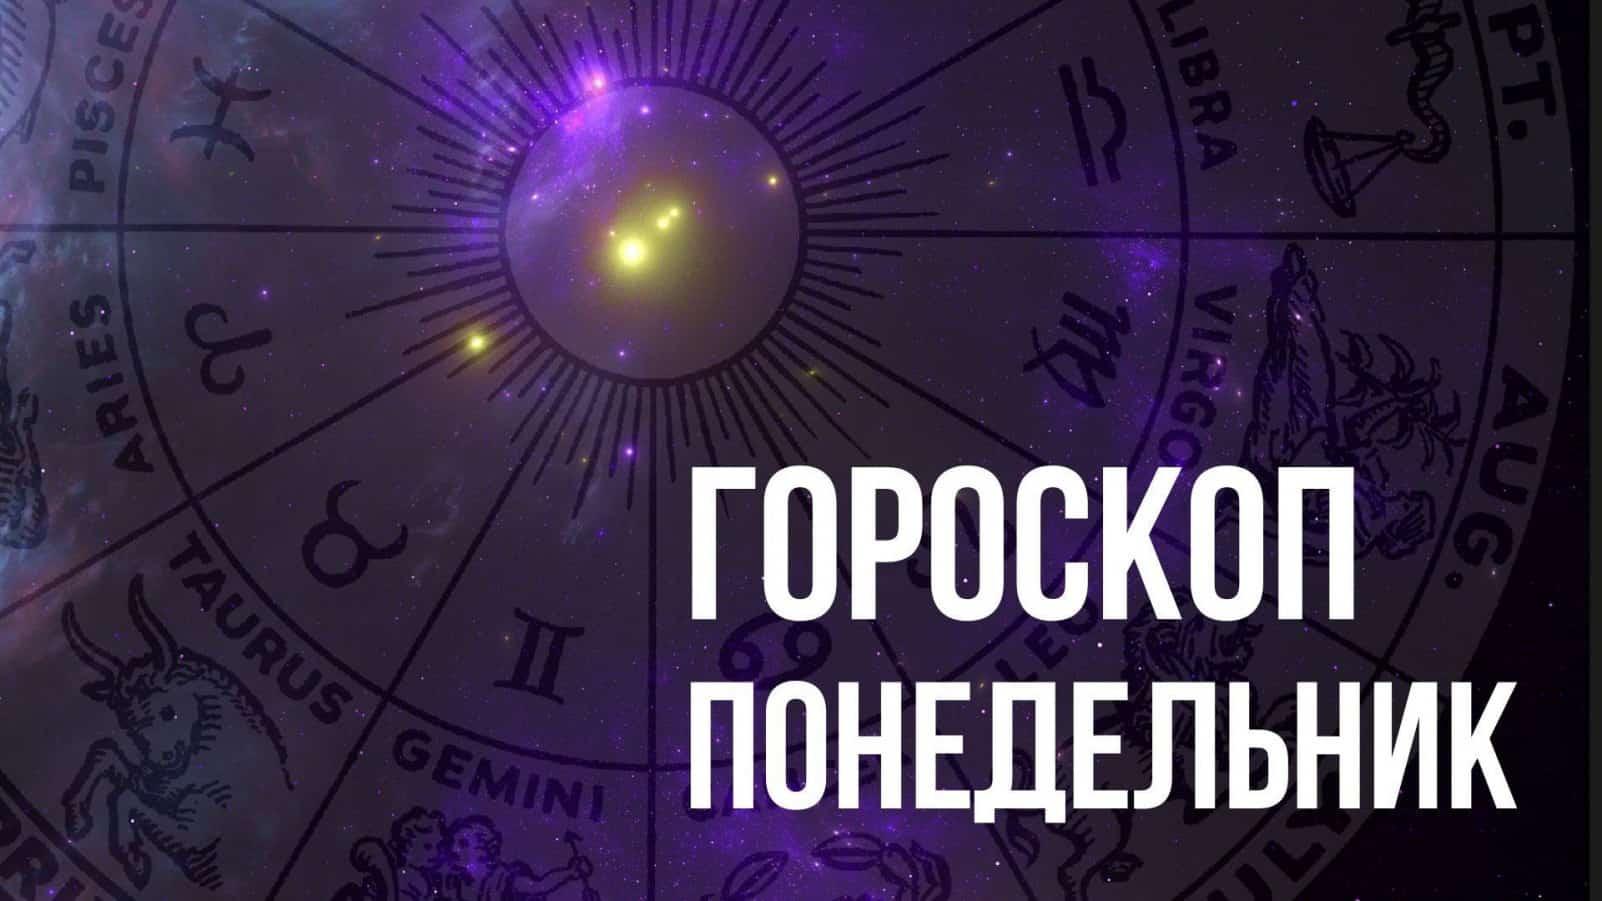 Гороскоп на понедельник 2 августа для каждого знака Зодиака